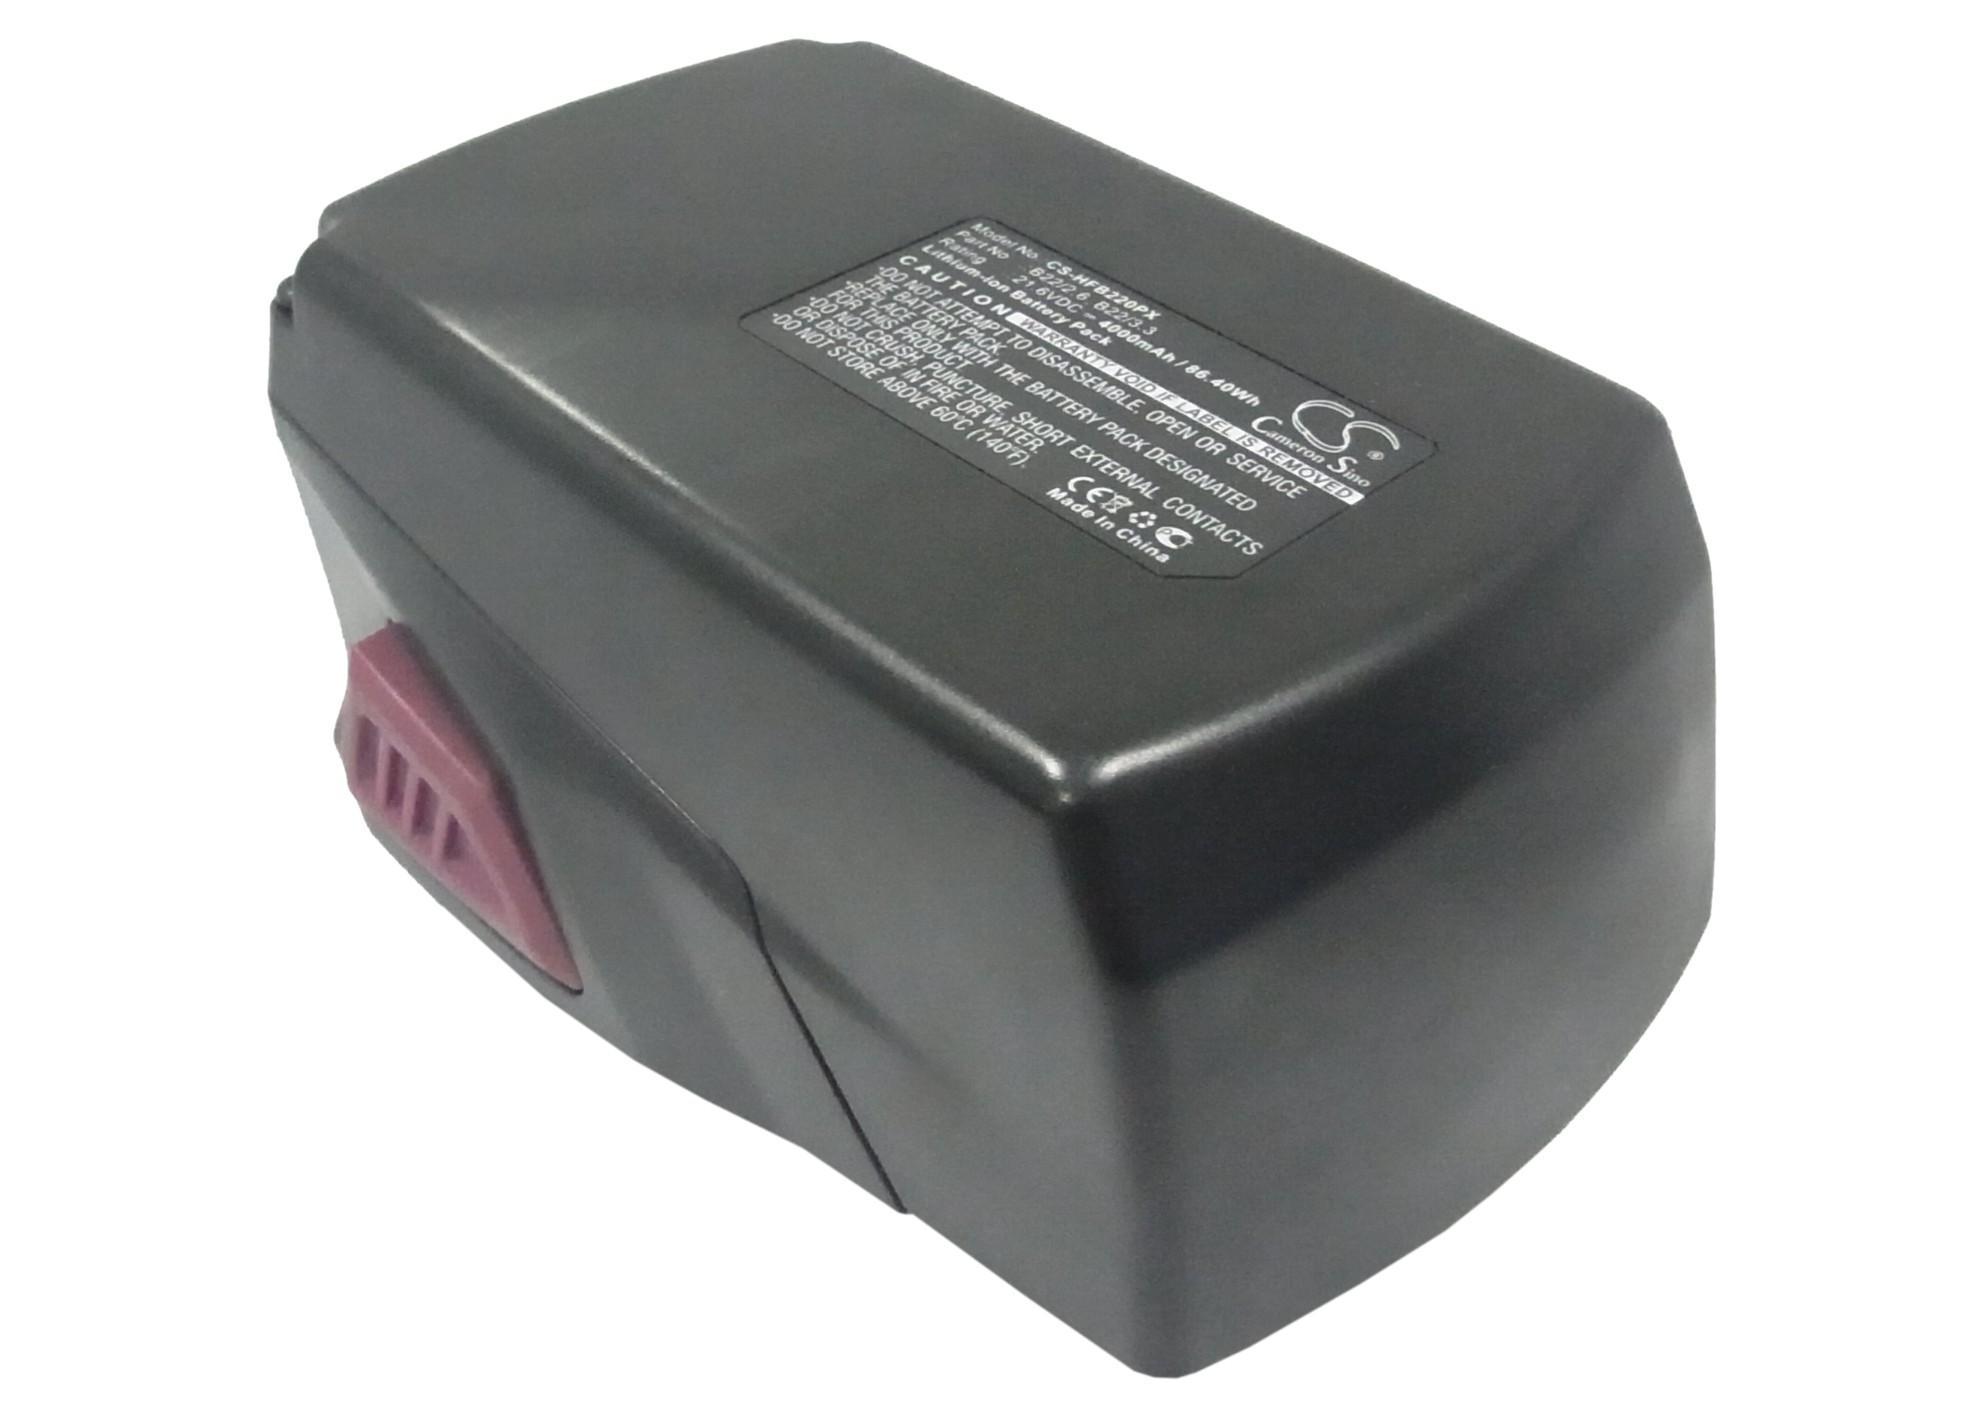 Cameron Sino baterie do nářadí pro HILTI SF 22-A 21.6V Li-ion 4000mAh červená černá - neoriginální